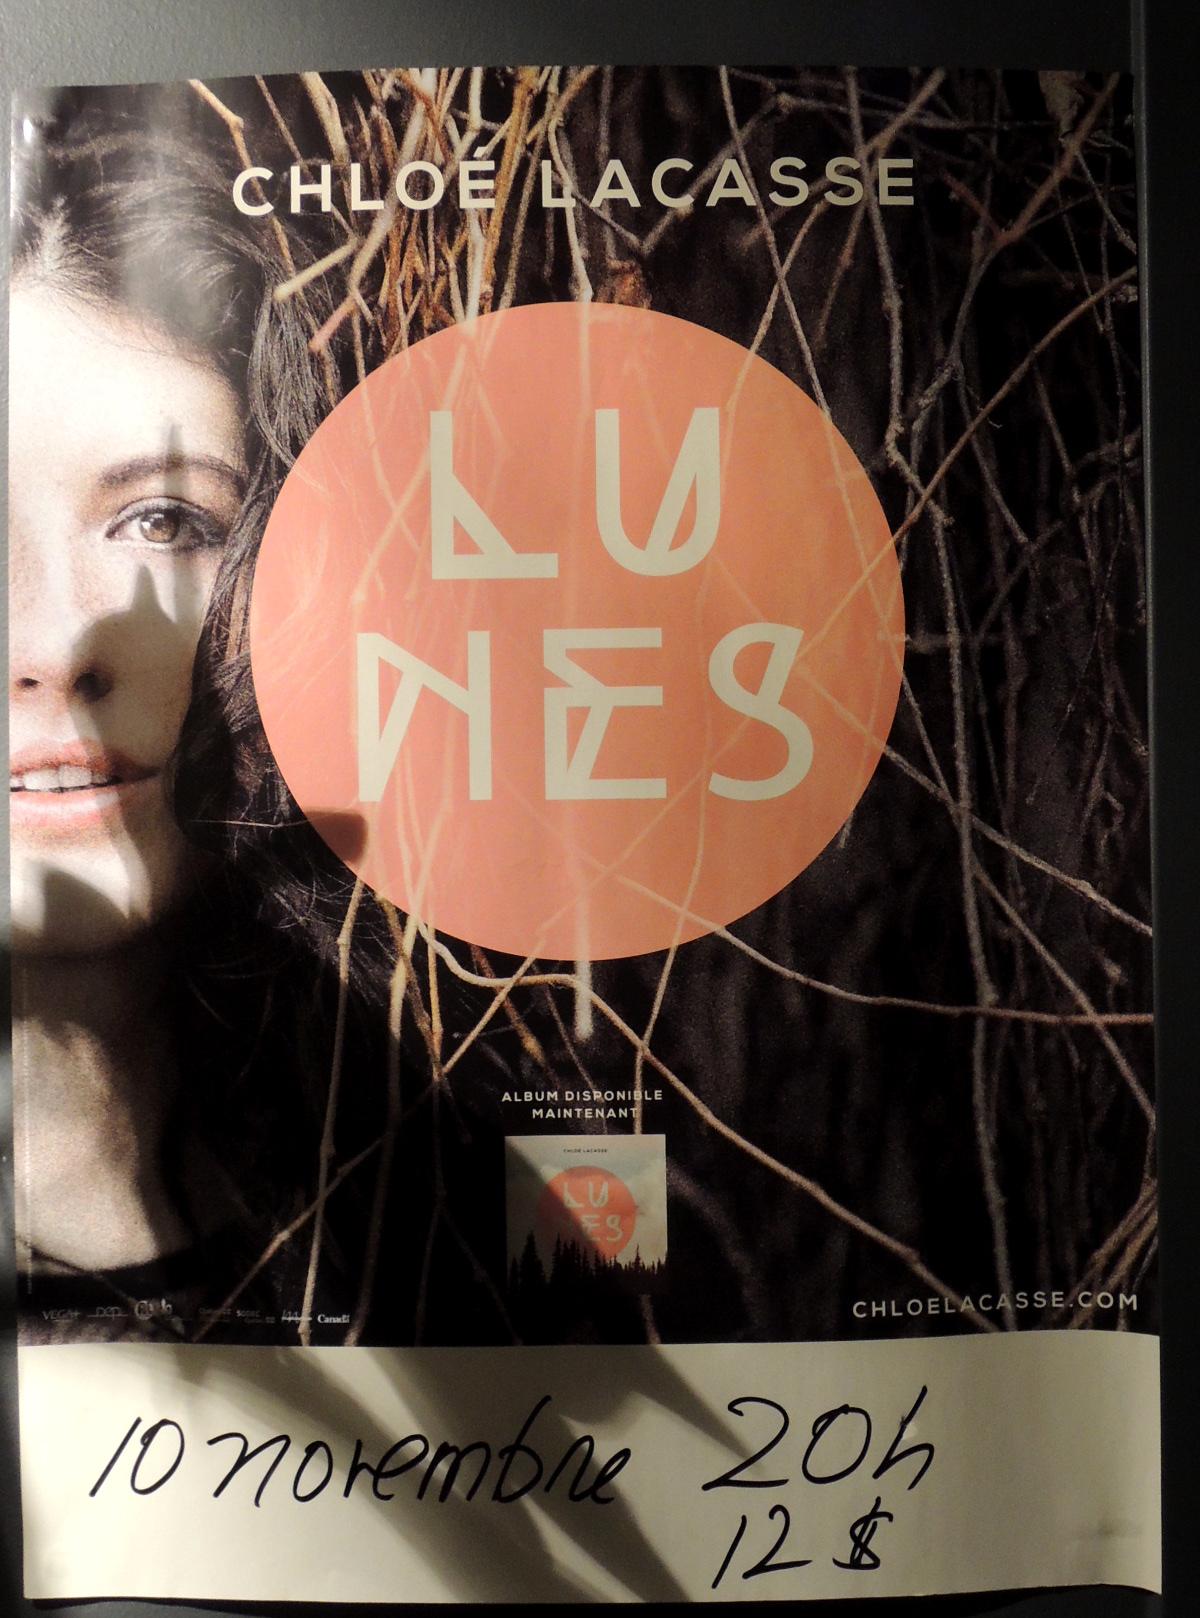 chloe-lacasse_10-11-14-coup-de-coeur-j-dummer